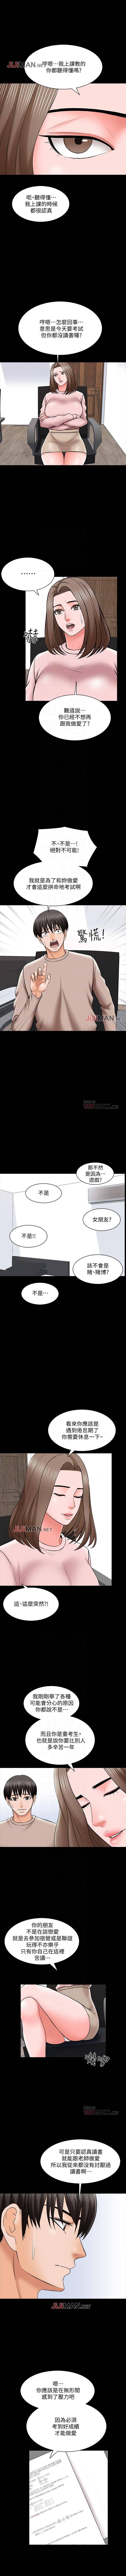 【周一连载】家教老师(作者: CreamMedia) 第1~44话 240